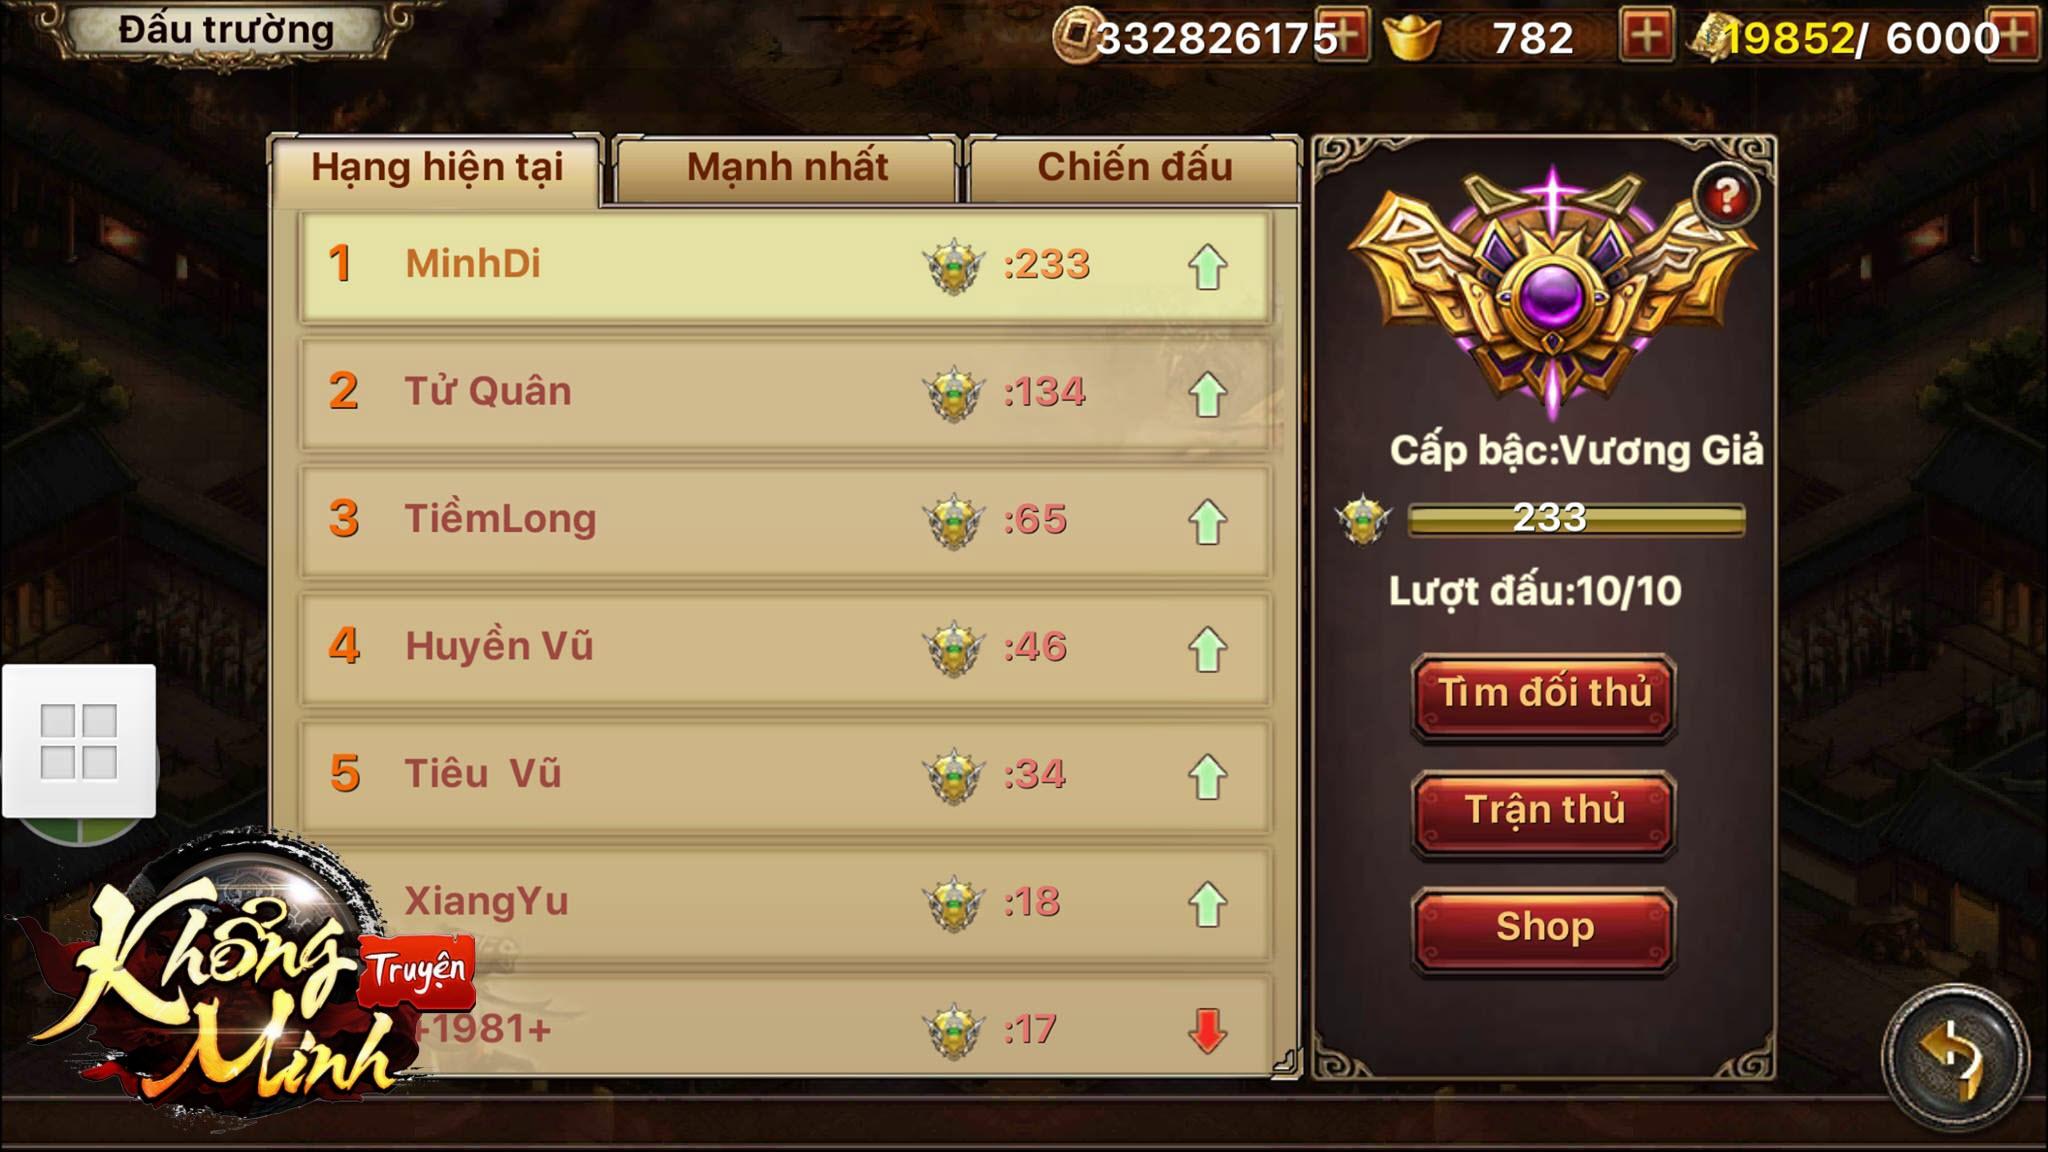 Gặp gỡ Minh Di, gamer Top 1 Rank Vương Giả nổi tiếng trong Khổng Minh Truyện 0